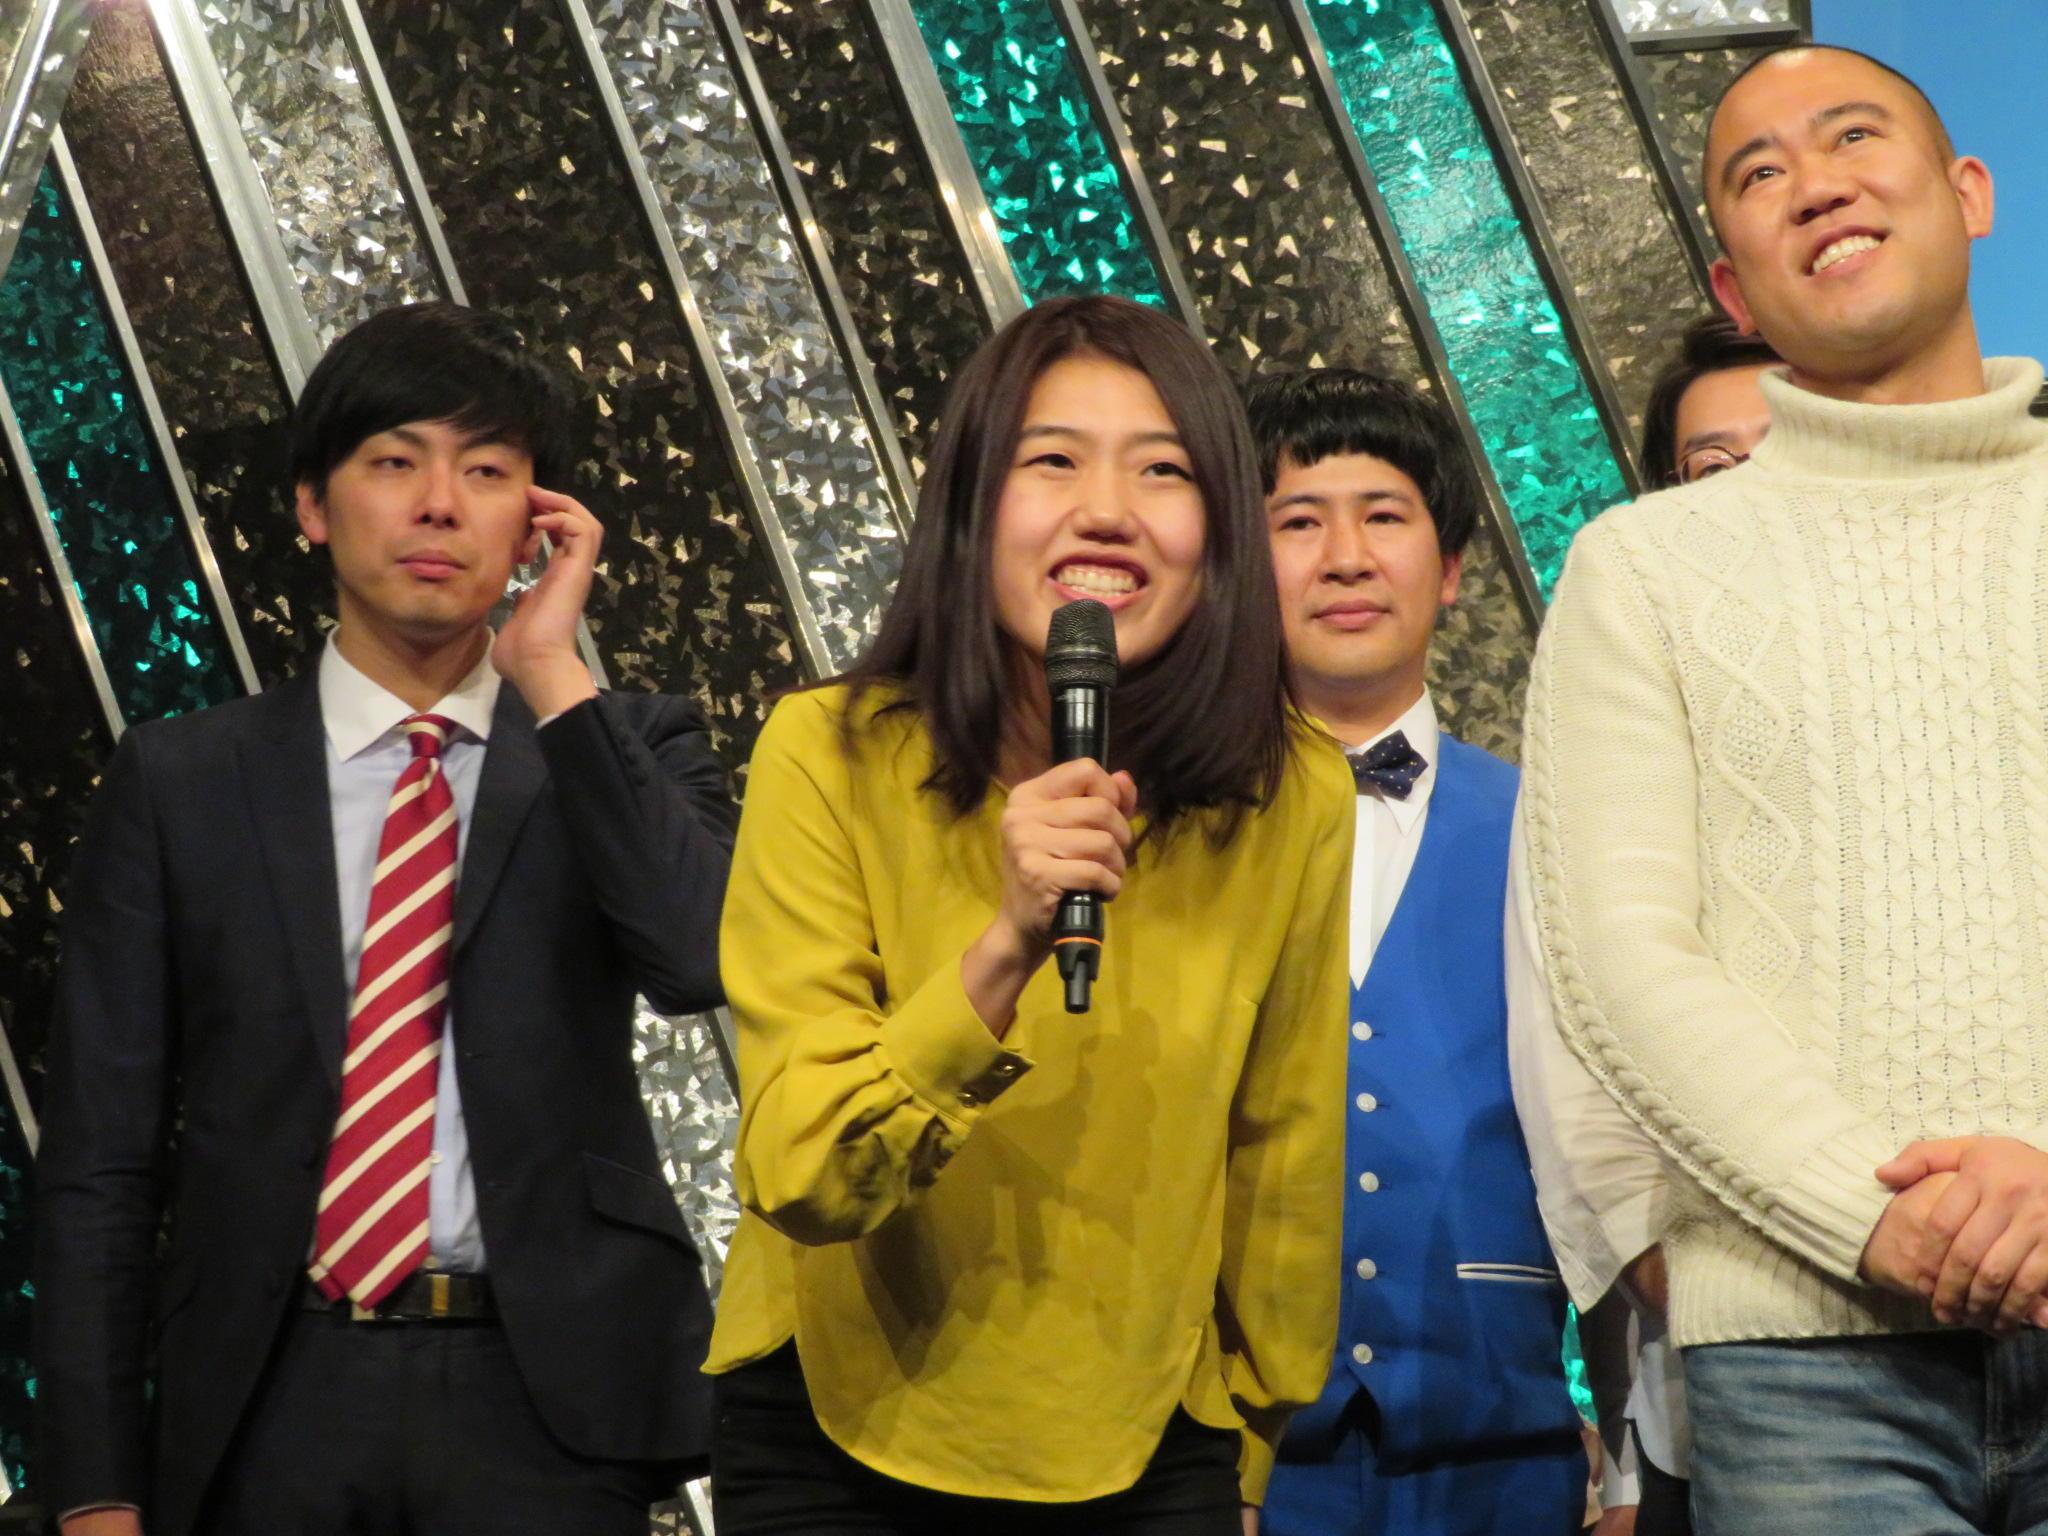 http://news.yoshimoto.co.jp/20180326004926-ab011e8b4d191e01bb8bec091f98d94384155f35.jpg